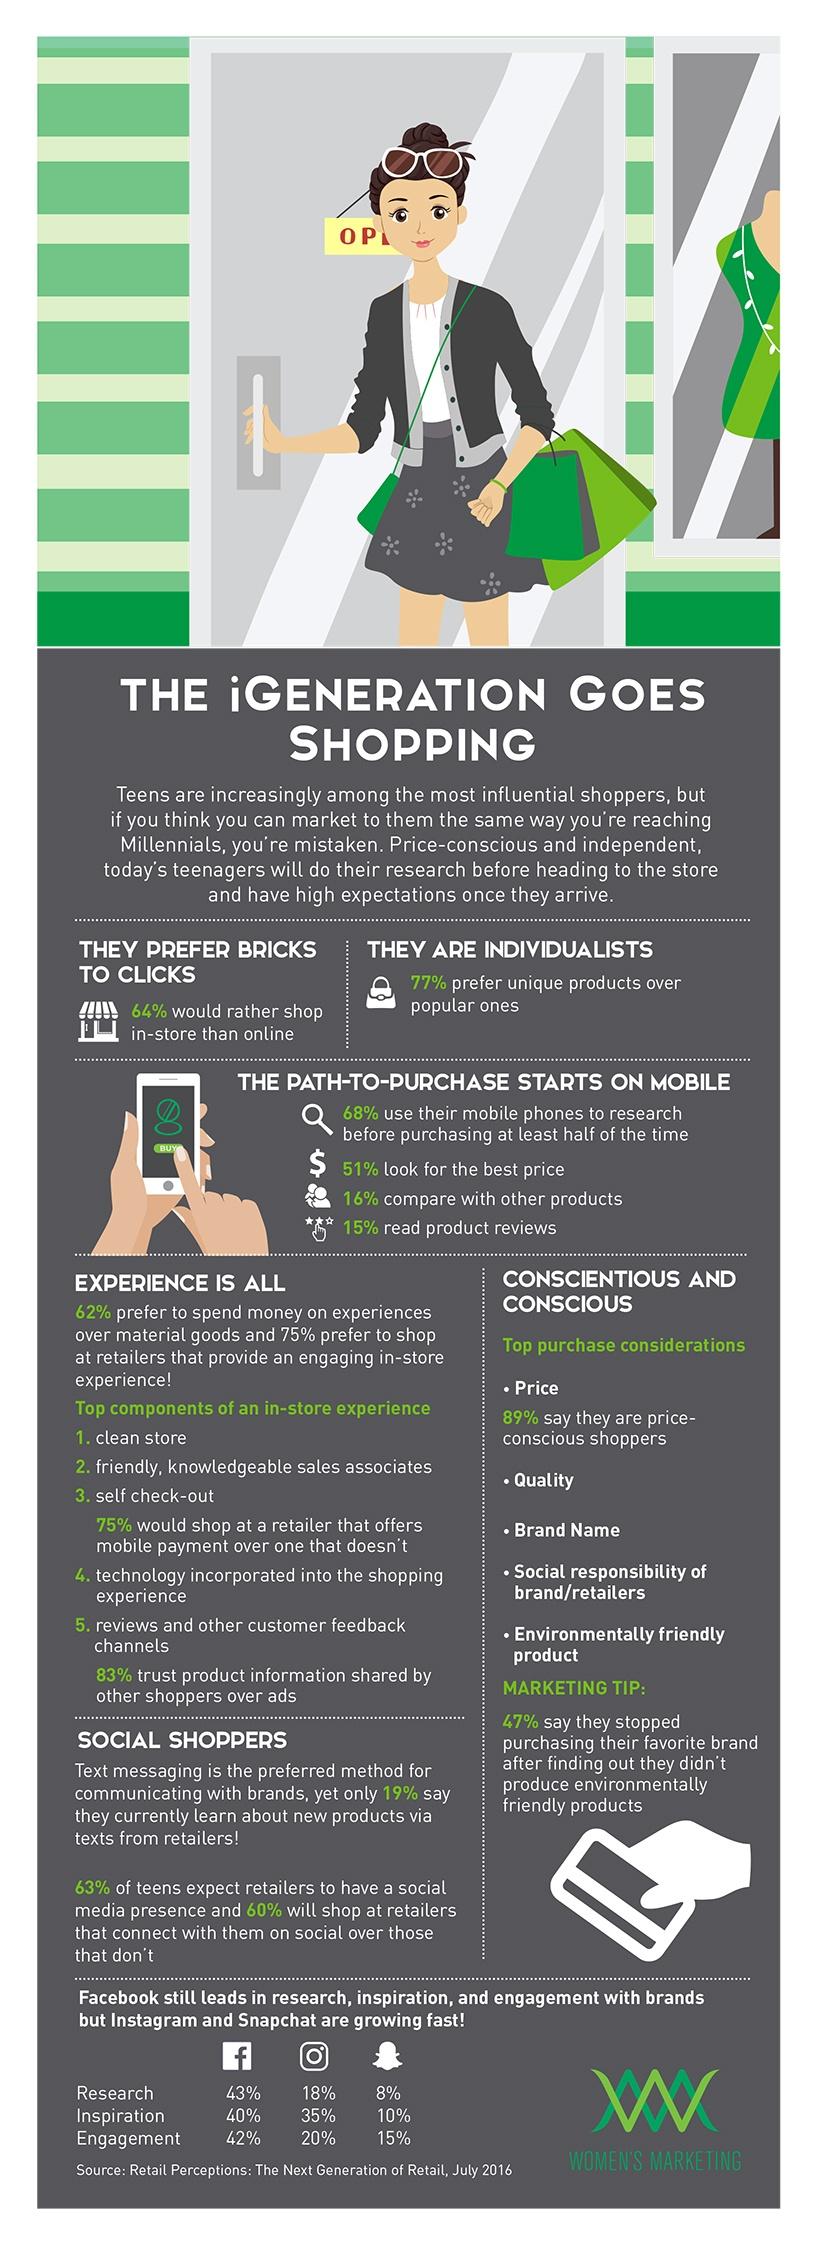 iGenerationGoesShopping_Infographic_infographic2.jpg